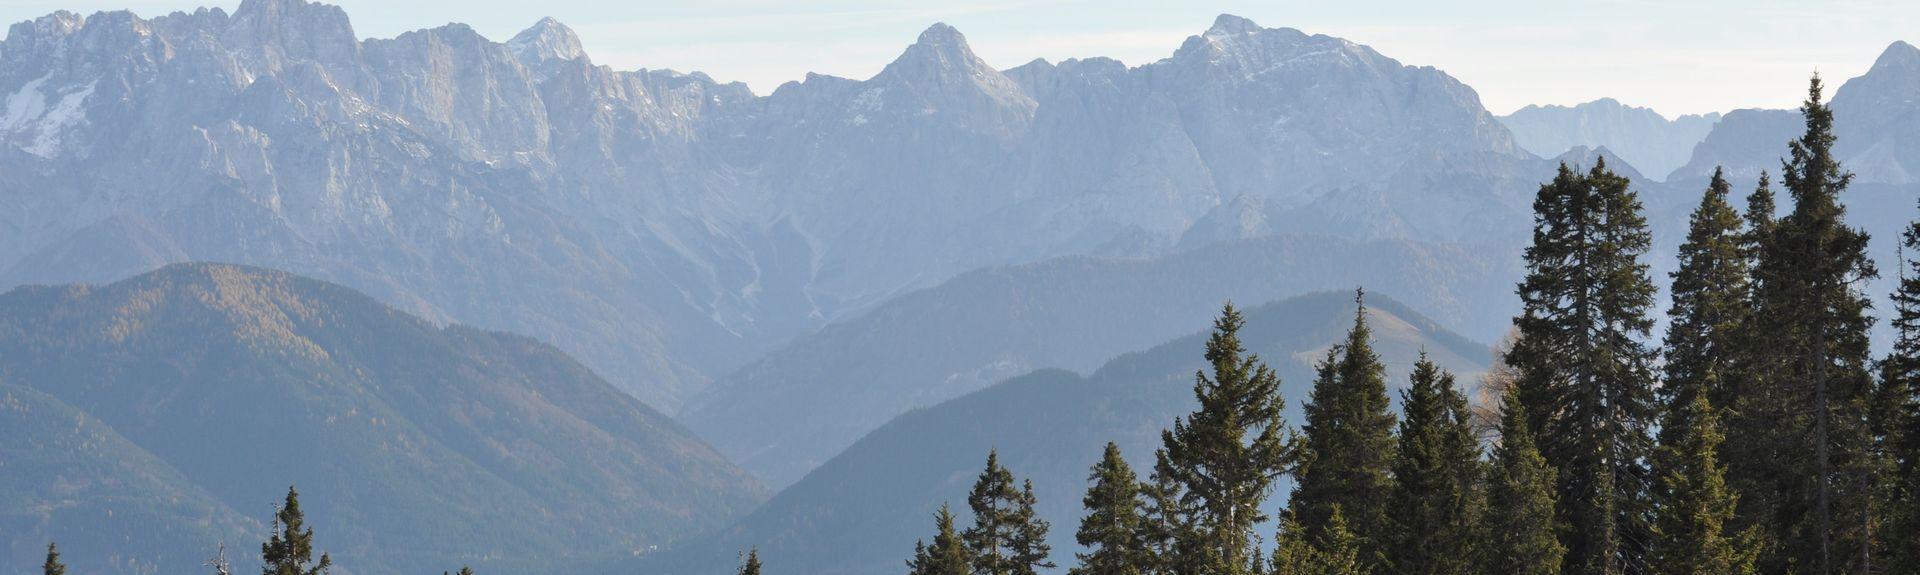 Schiefling am See, Kärnten, Österreich